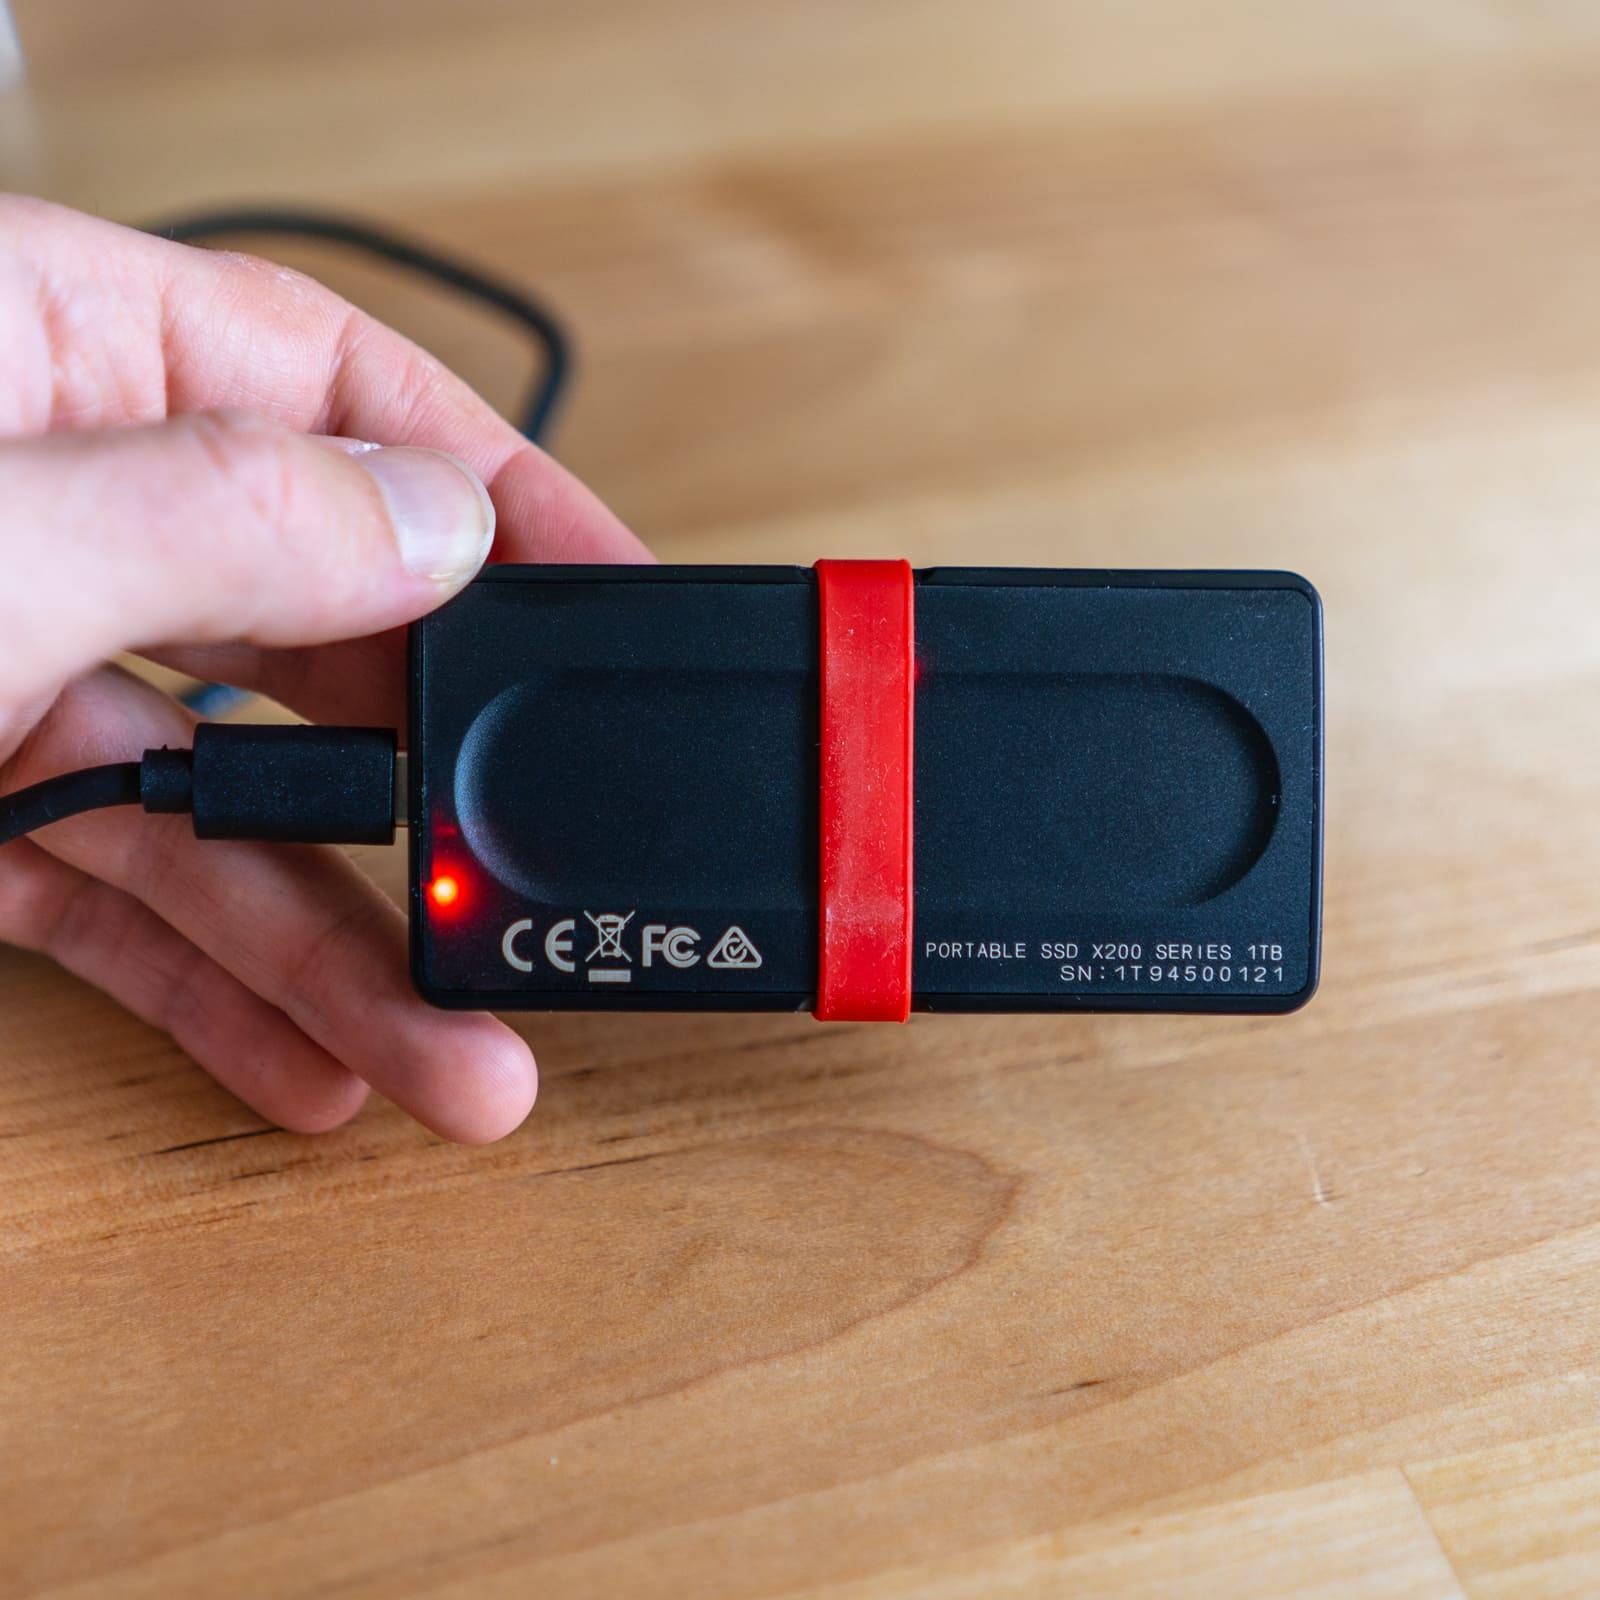 La LED rouge fixe quand le disque est branché et qui clignote lorsque une opération est en cours